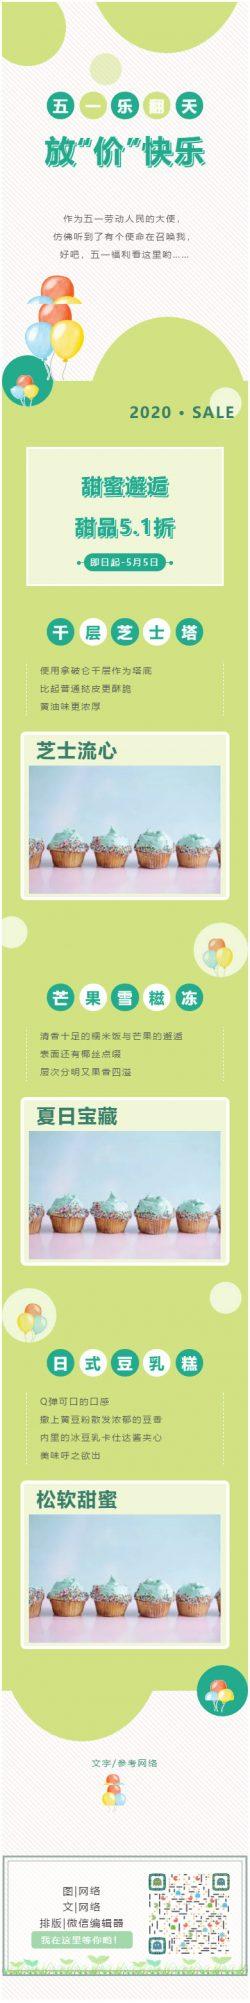 五一劳动节福利促销微信公众号模板电商微商服务号推文素材